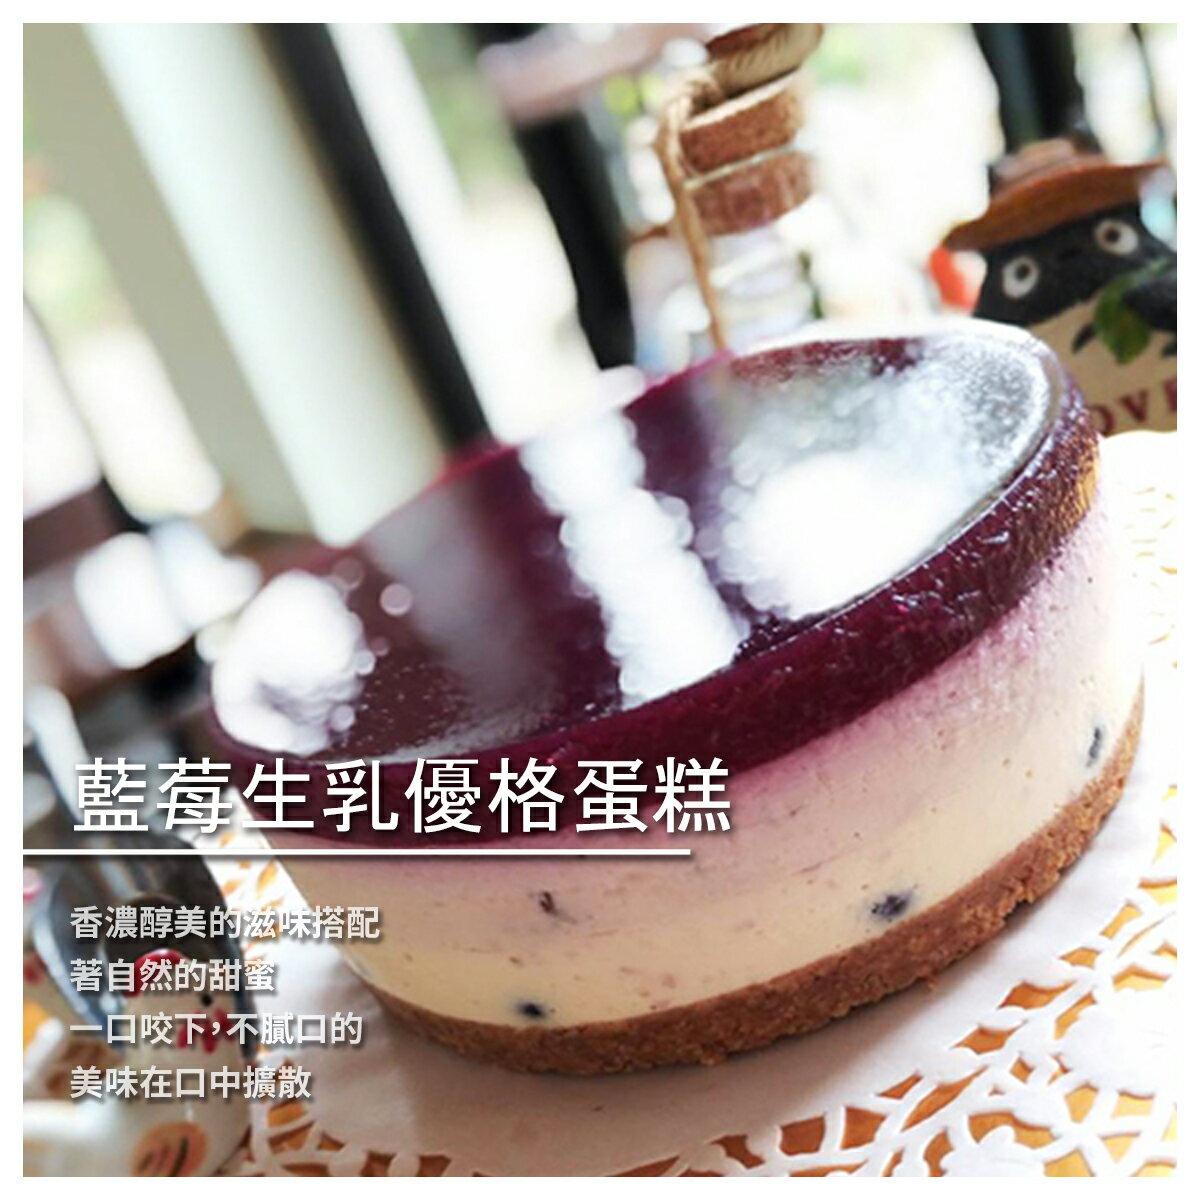 【永安61生態農場】藍莓生乳優格蛋糕